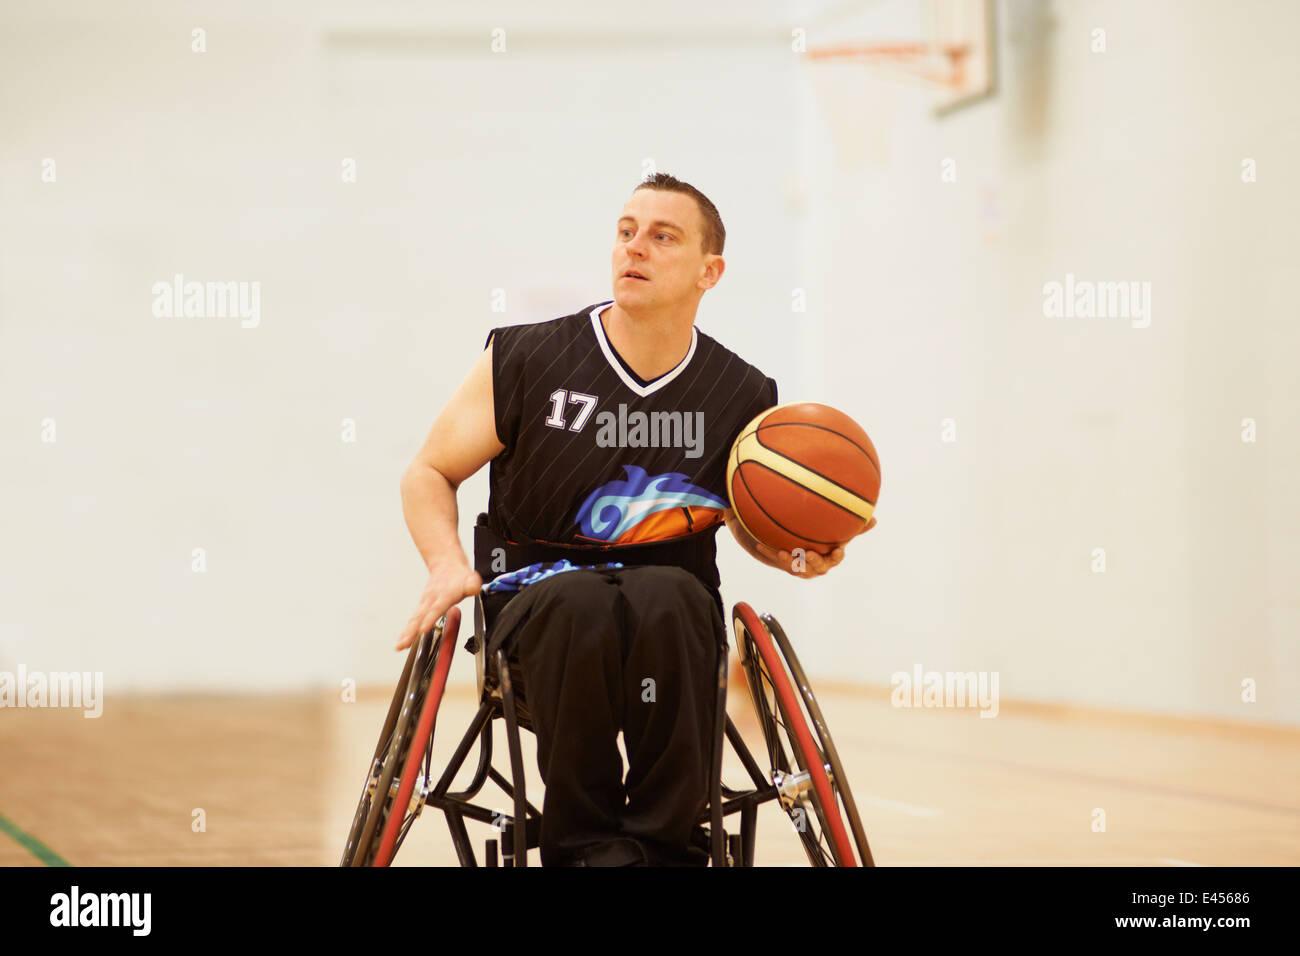 Joueur de basket-ball en fauteuil roulant holding ball Photo Stock